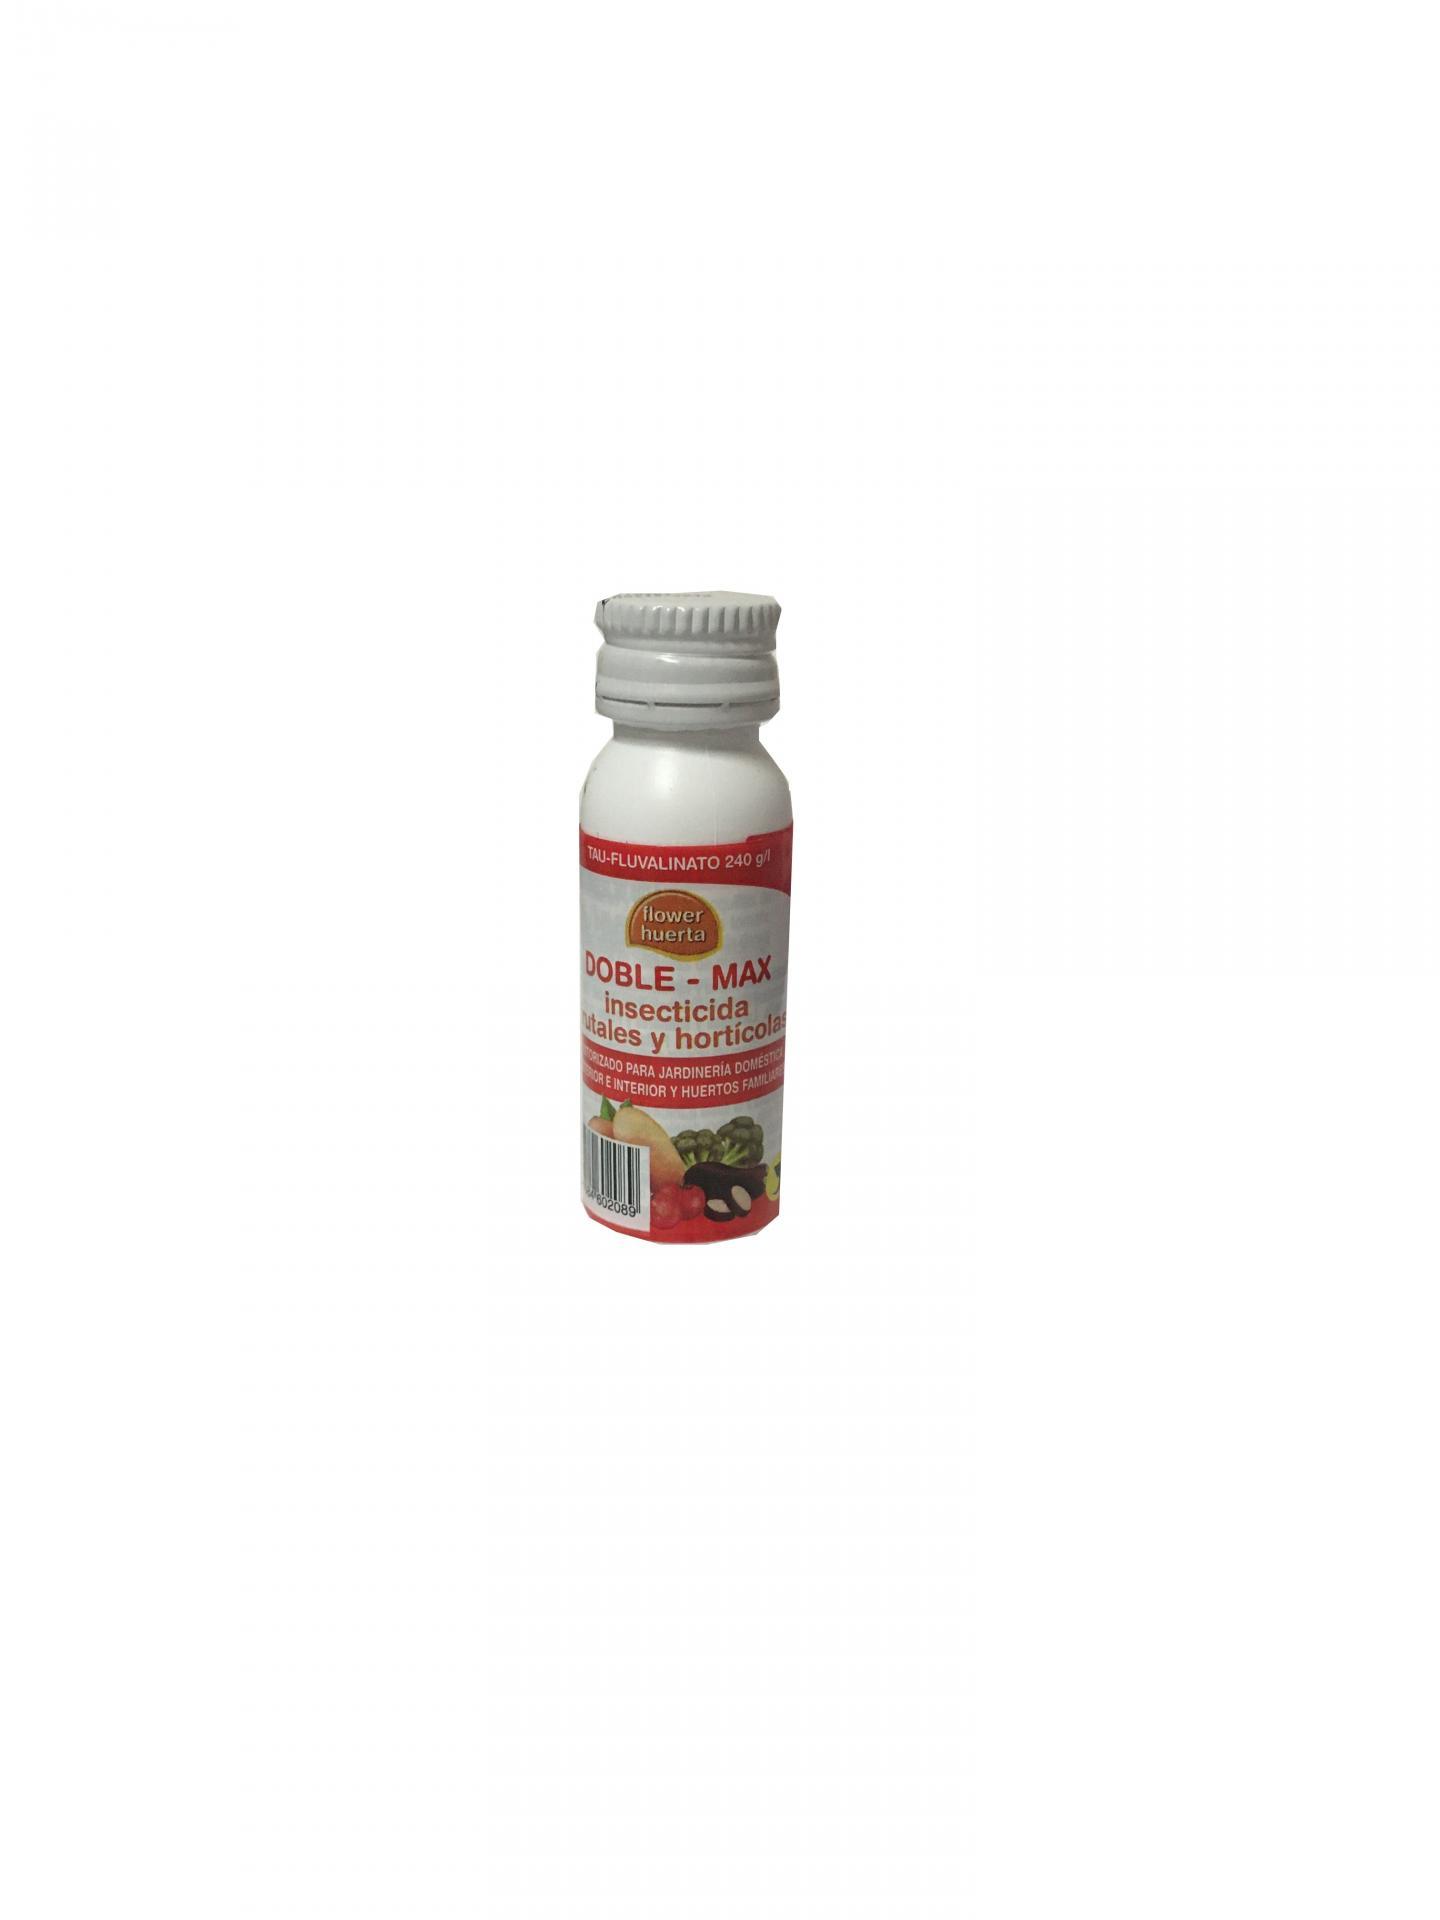 Doble Max insecticida frutales y horticolas 8cc